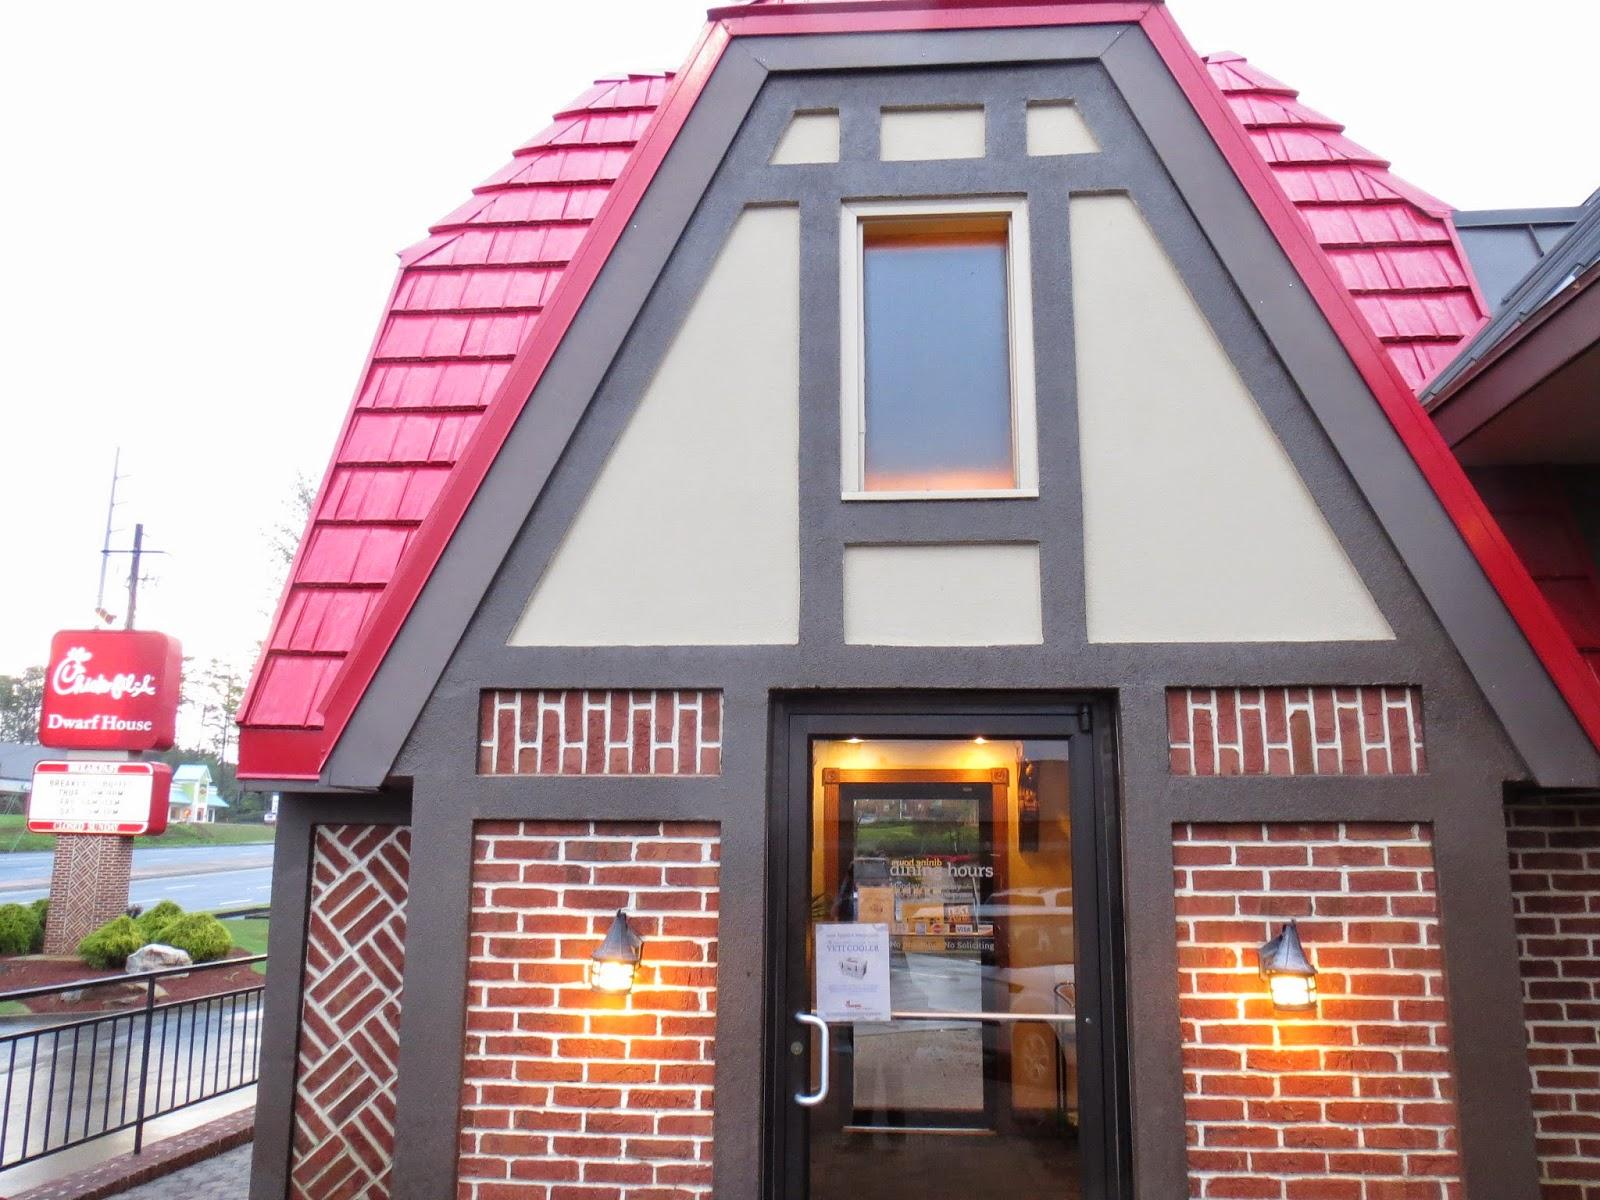 The brick midget house 6